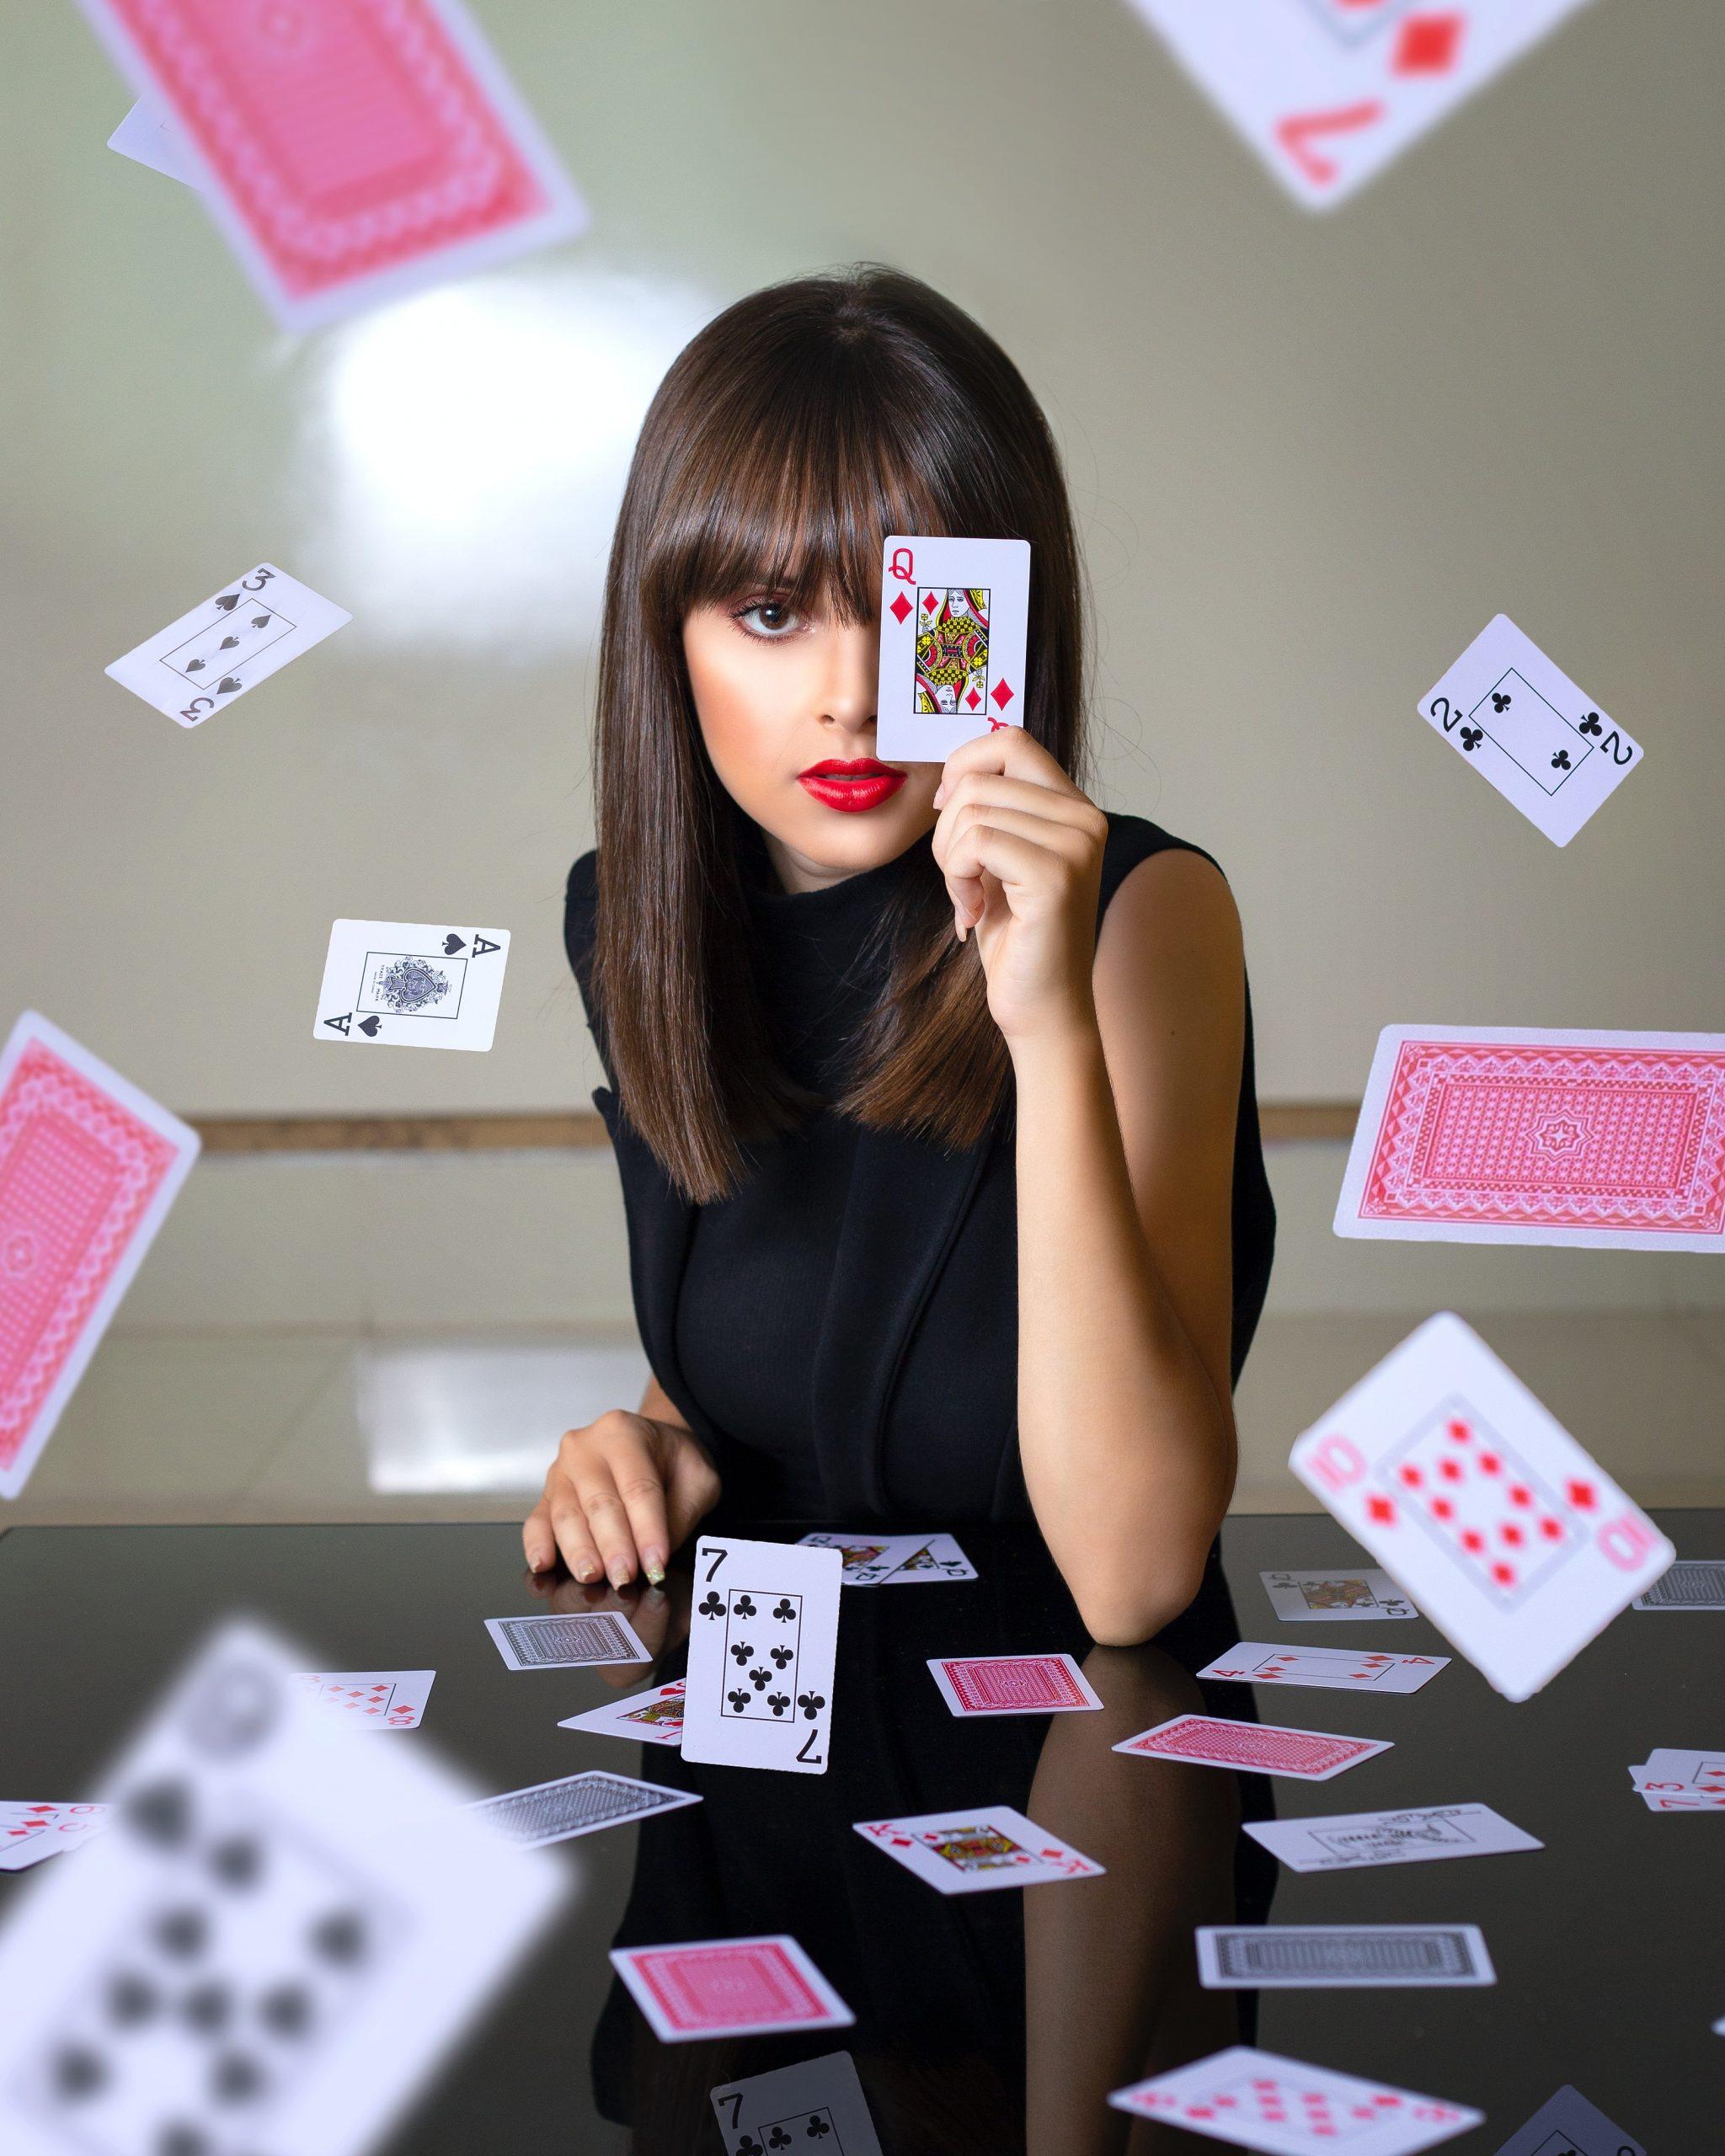 online gambling apps australia